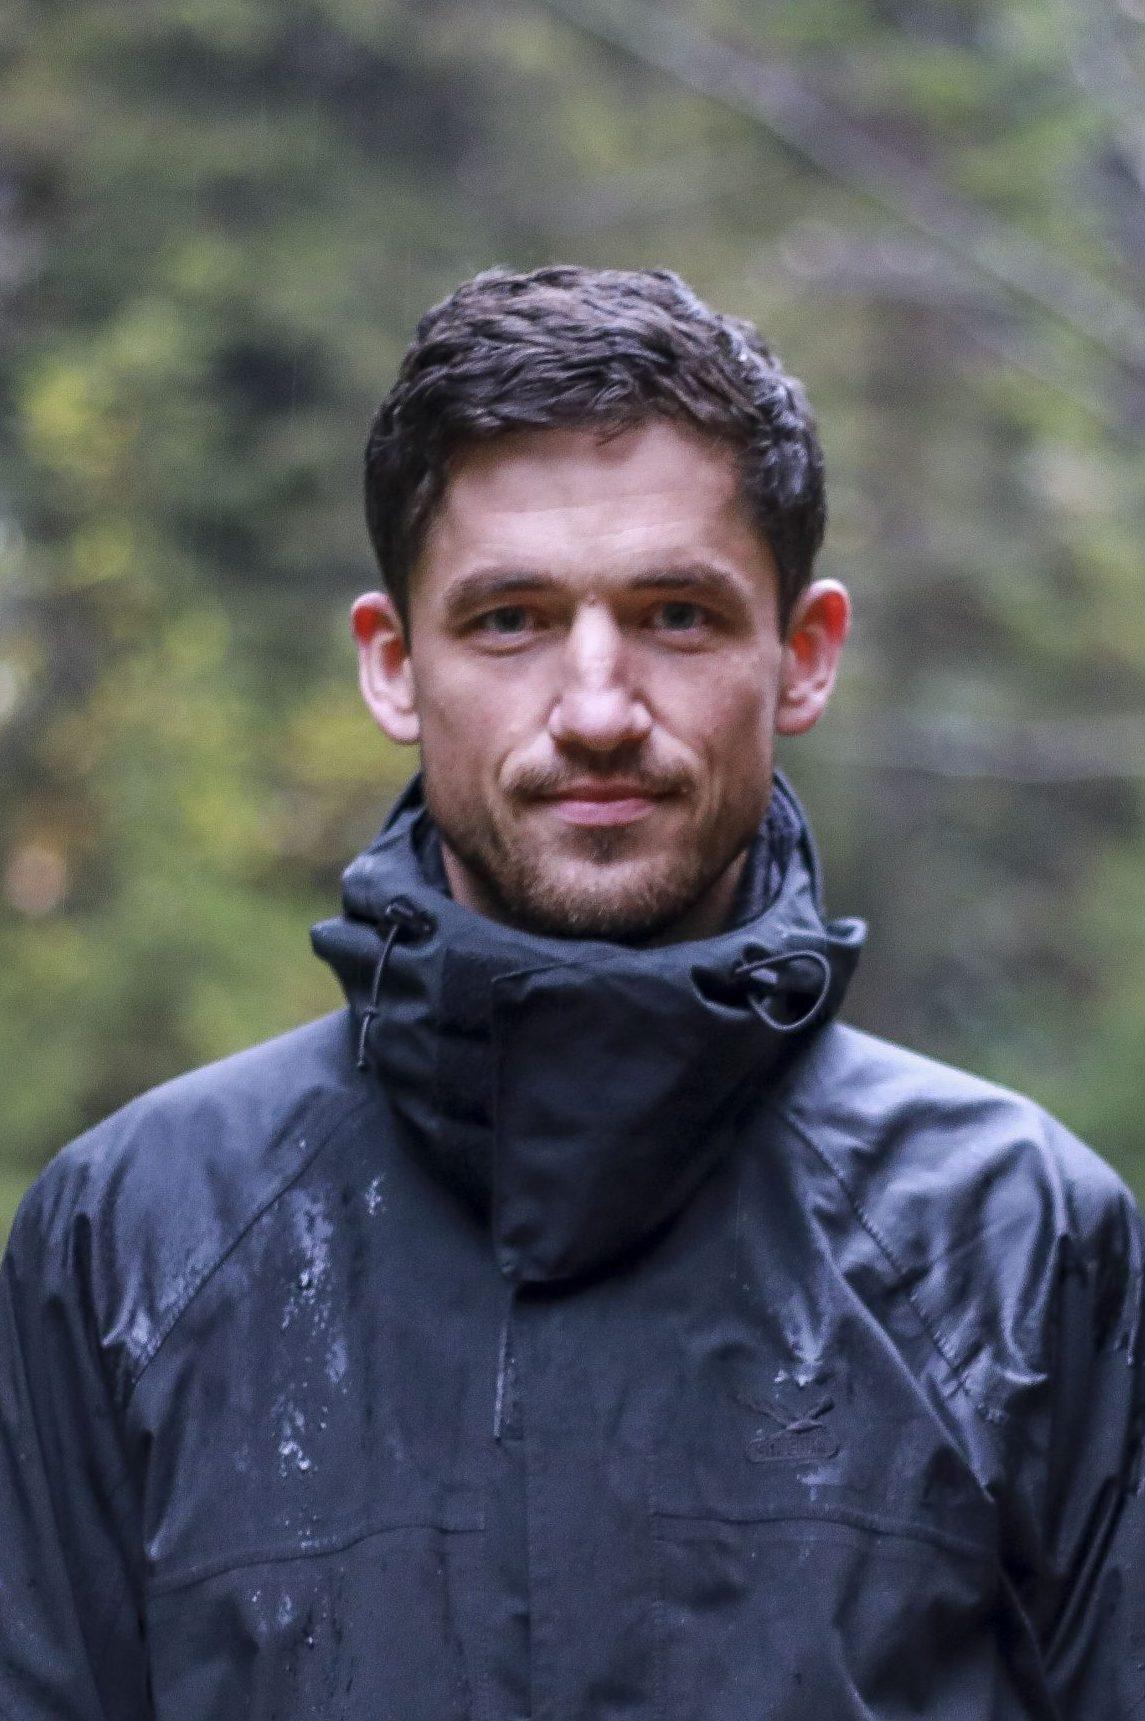 Peter Rášo